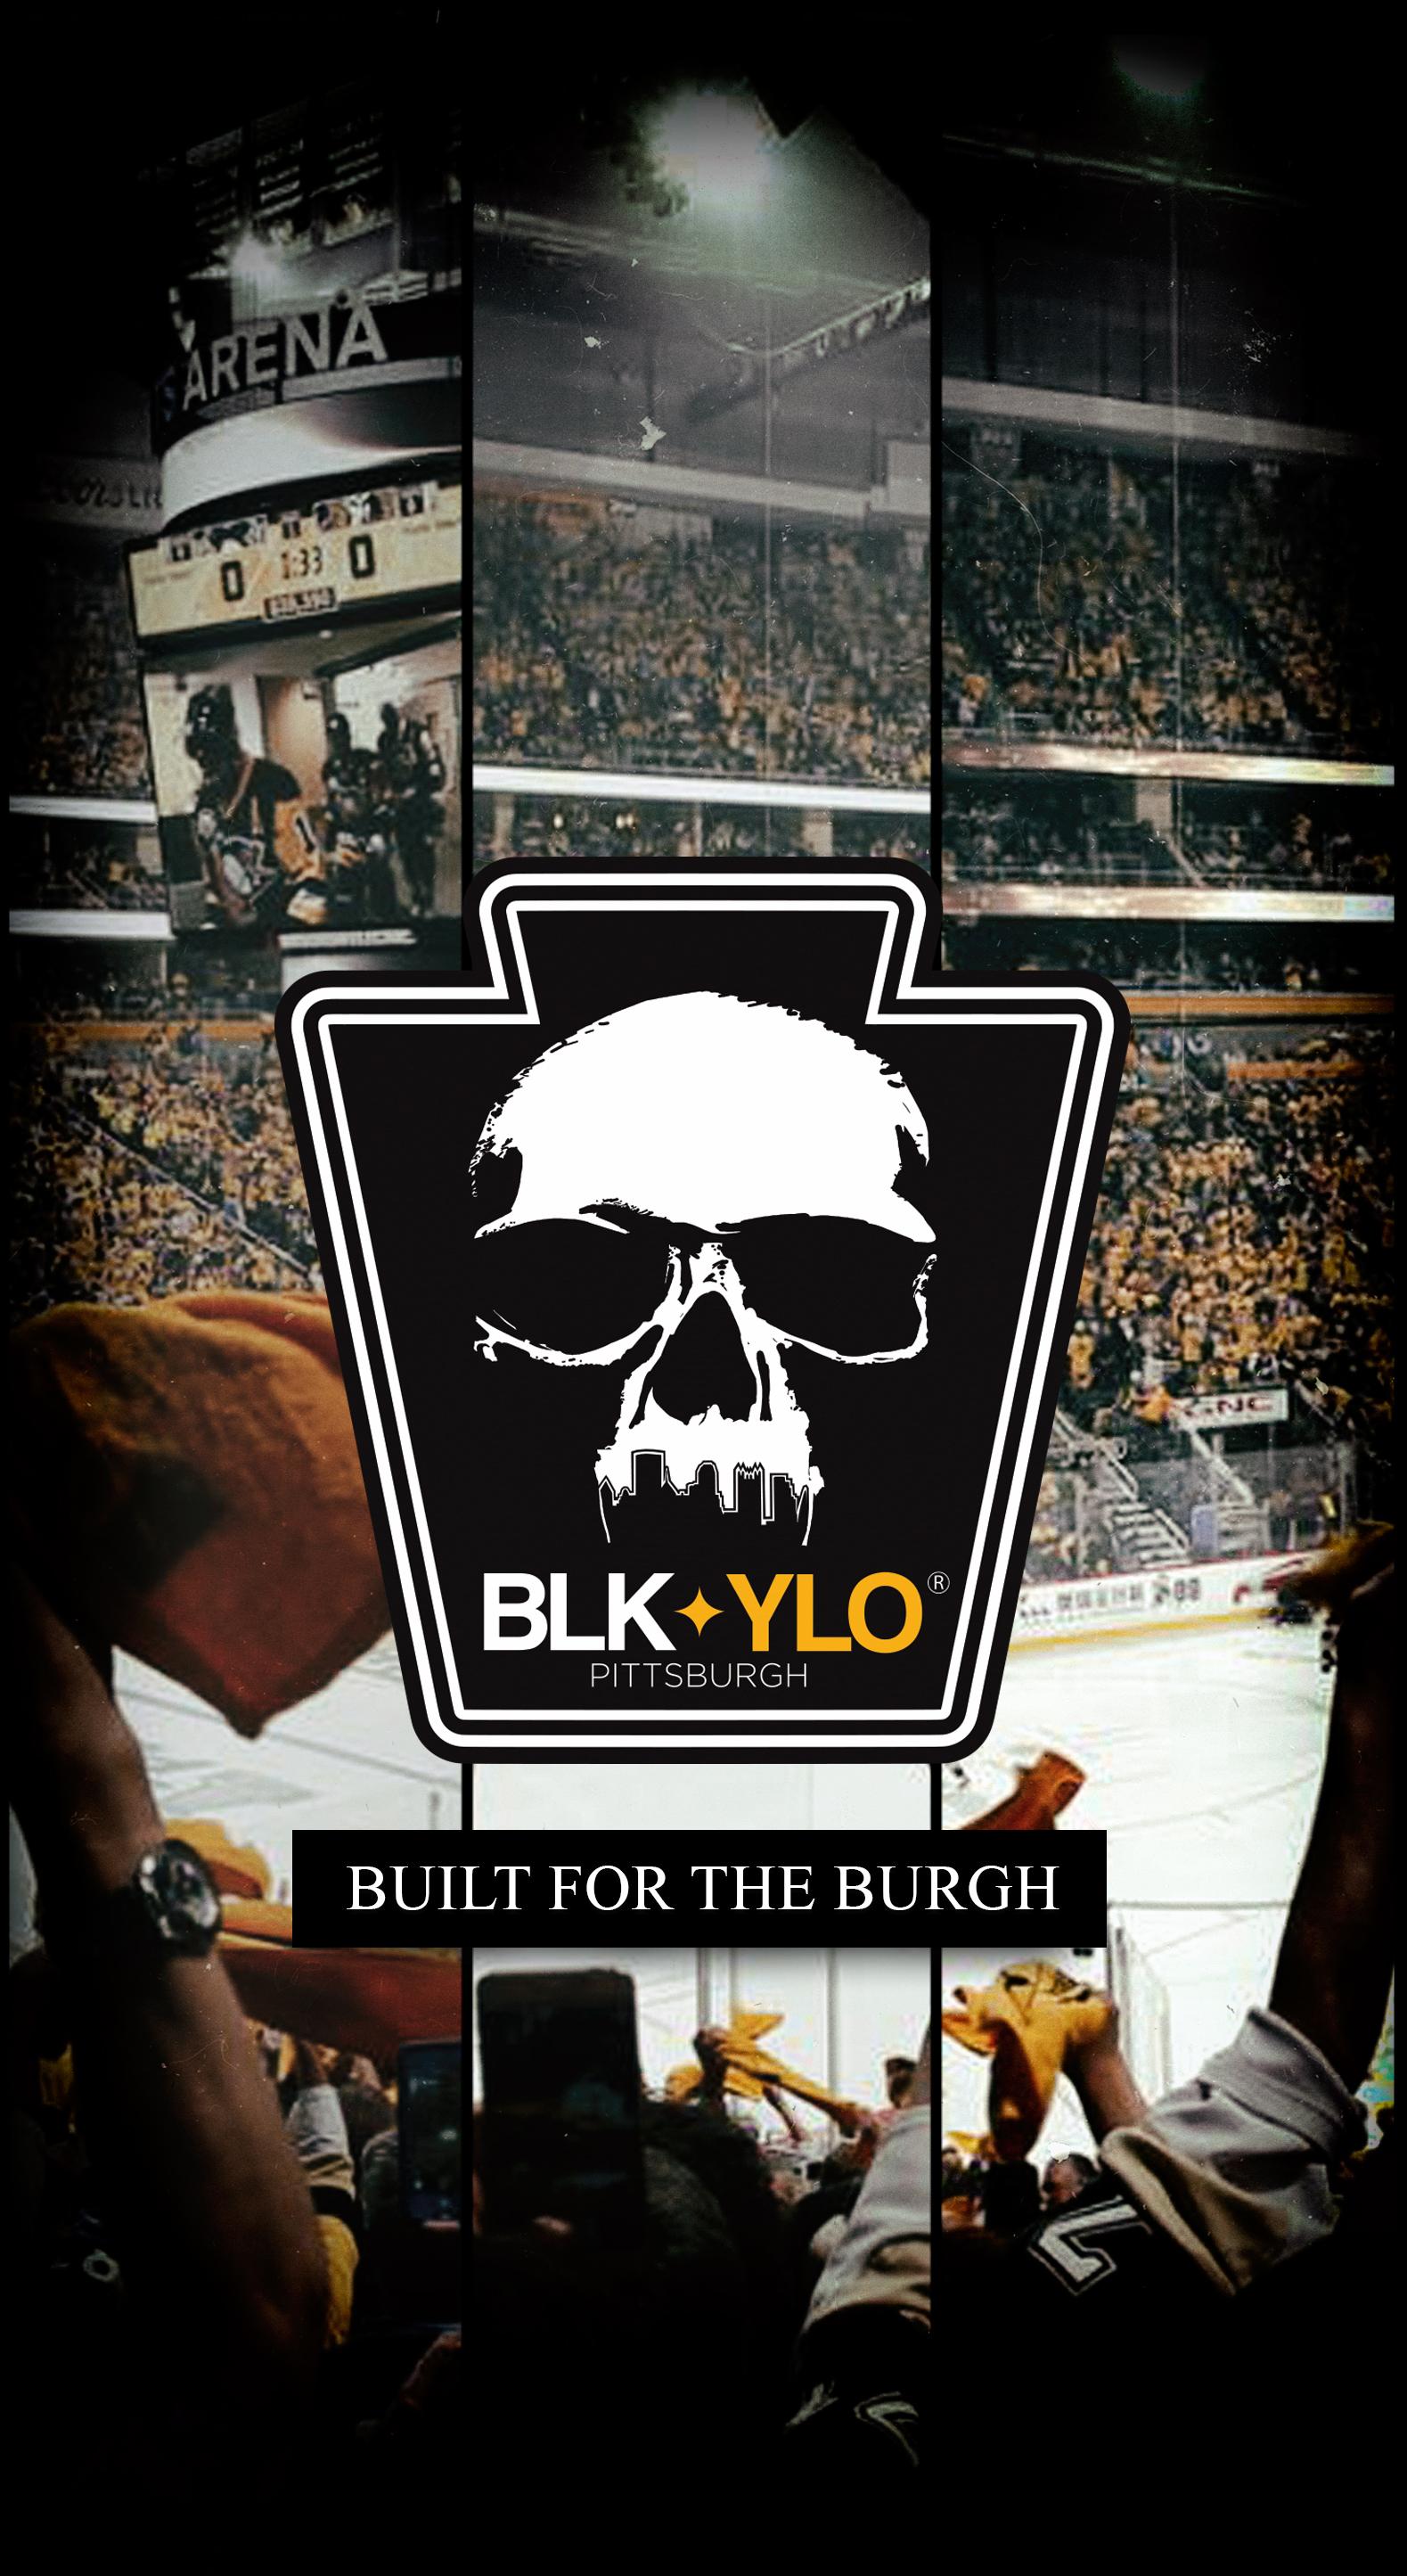 blkylo-hockey-night-wallpaper.jpg